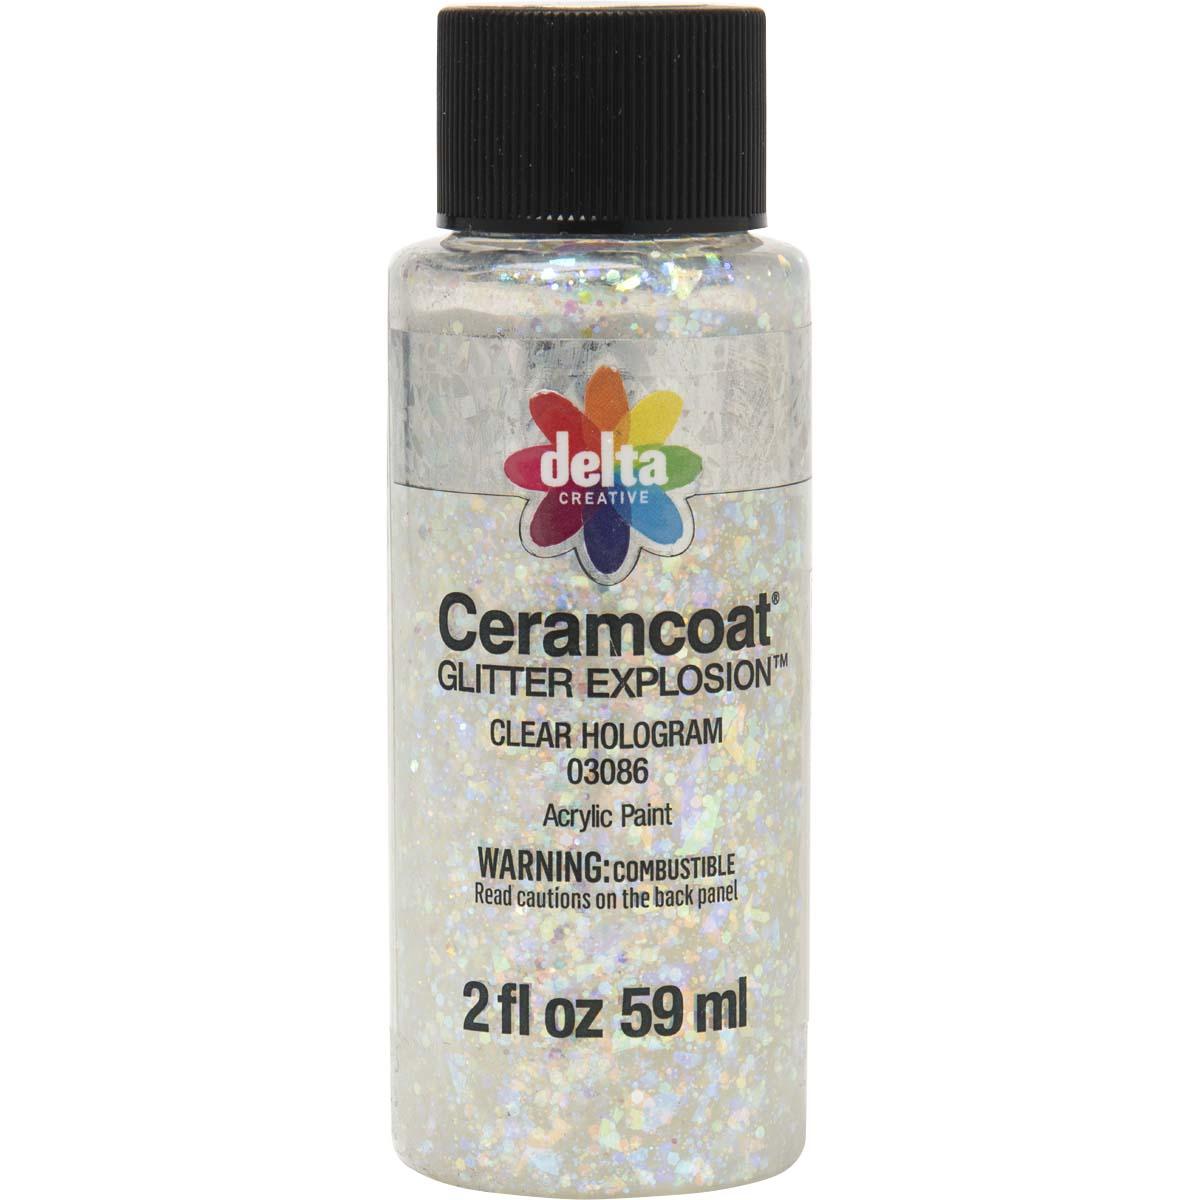 Delta Ceramcoat ® Glitter Explosion™ - Clear Hologram, 2 oz. - 03086